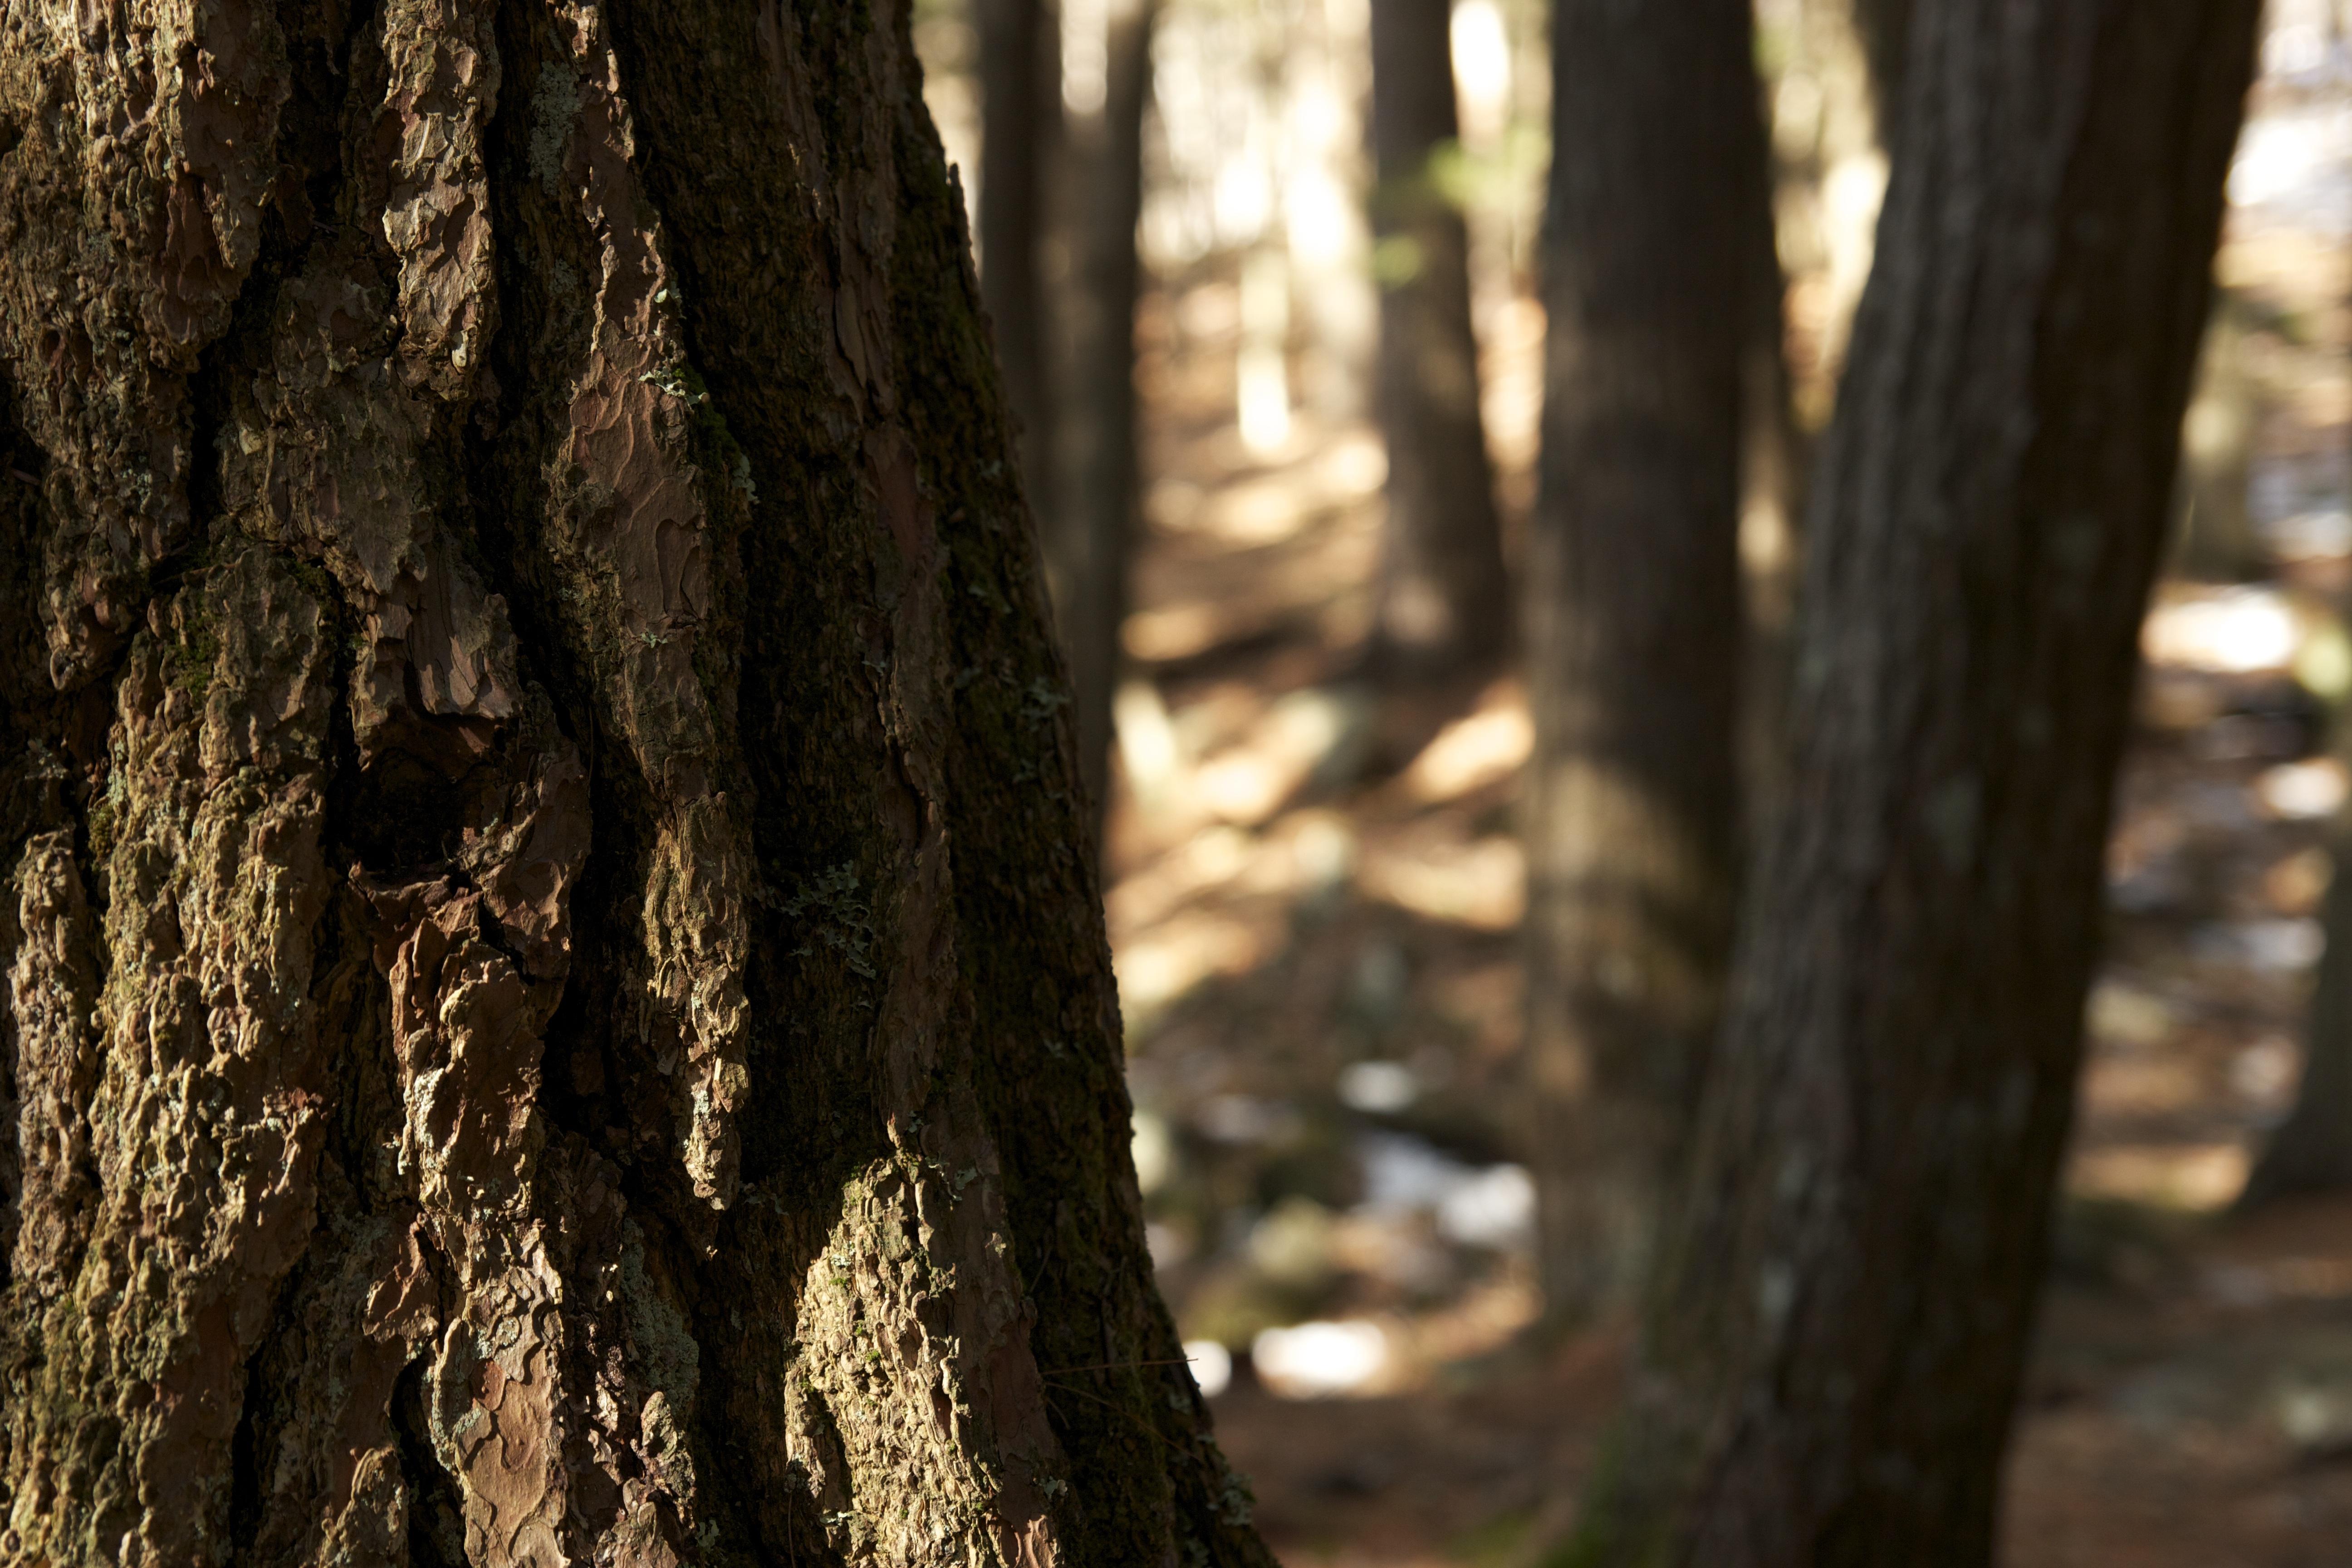 предлагаю вместе картинка про деревьев вблизи балки качестве перекрытия